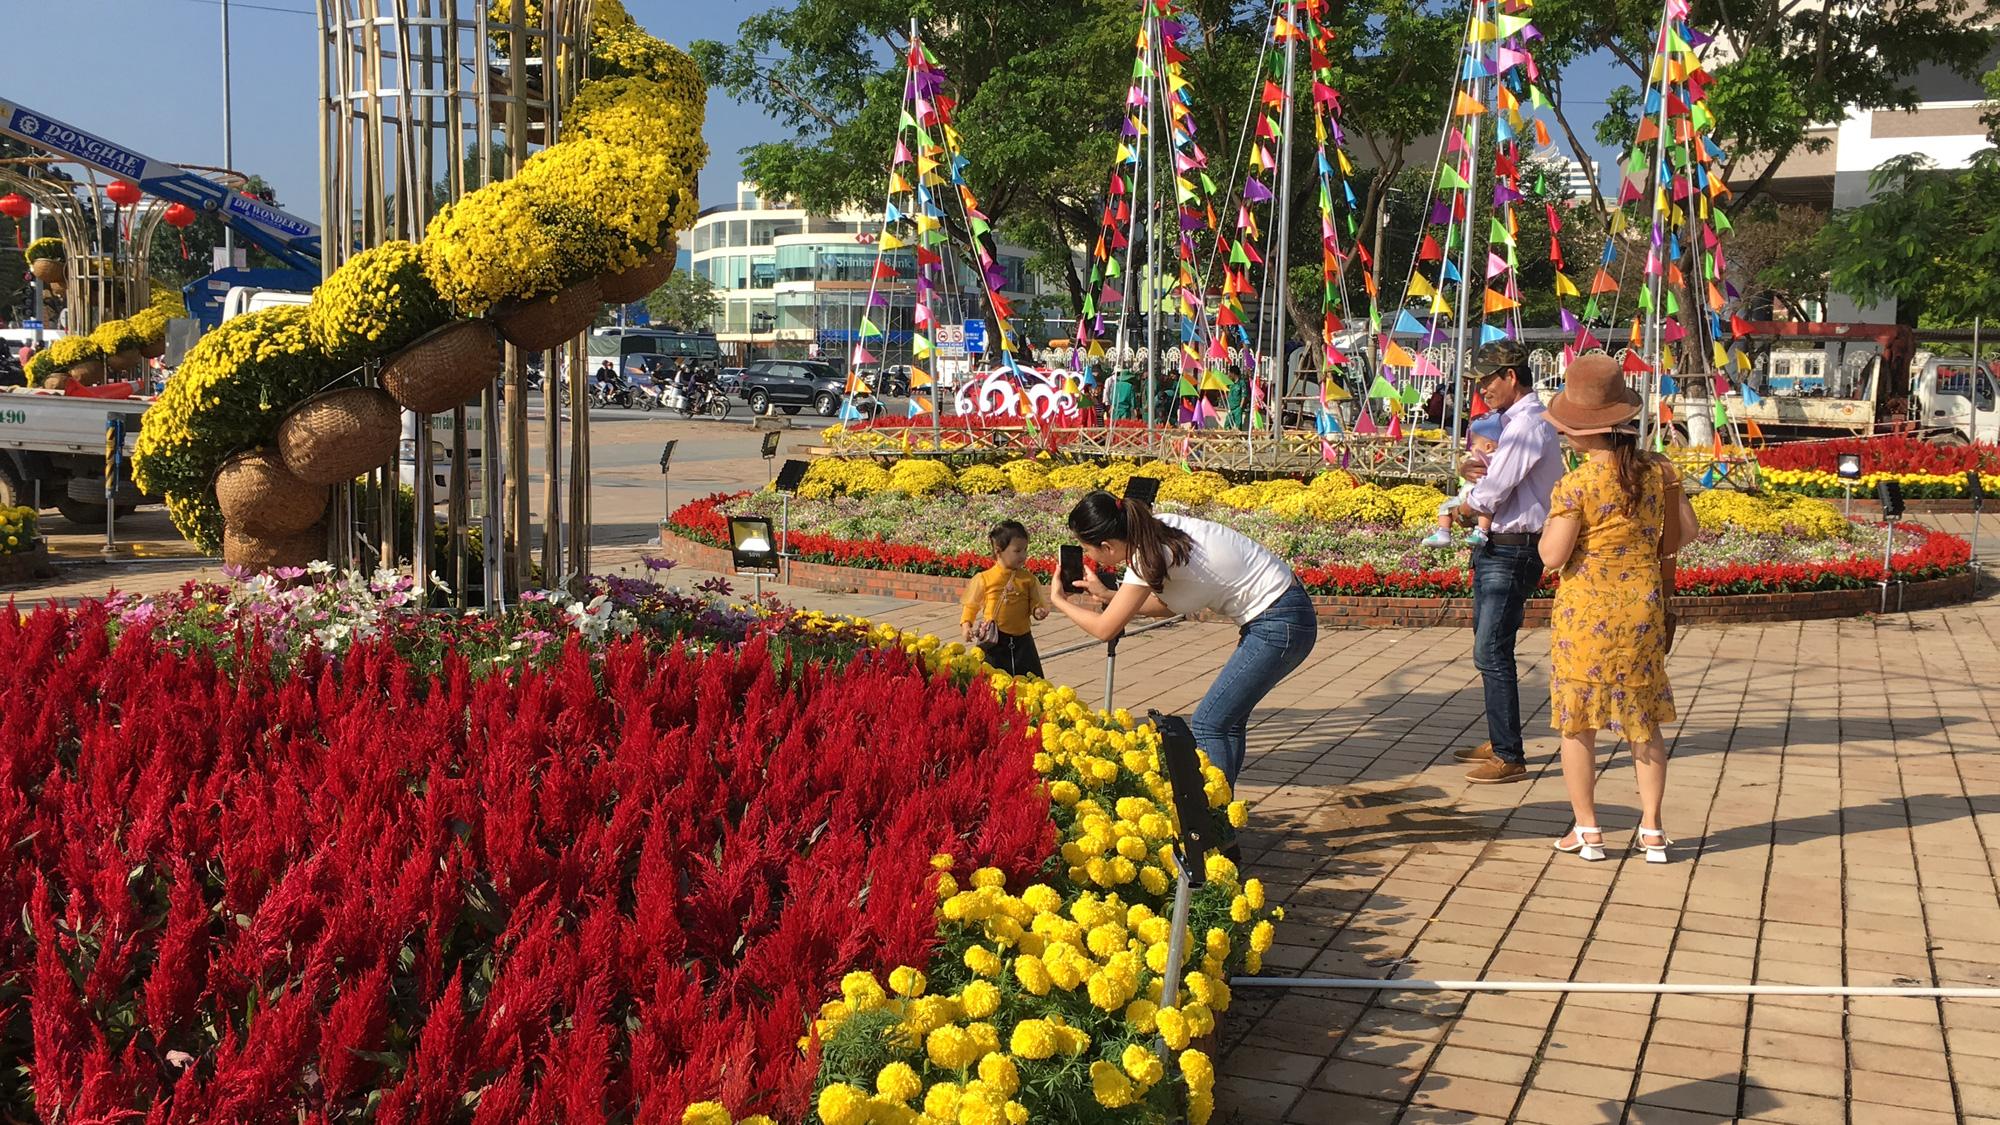 Hối hả thi công đường hoa Đà Nẵng để người dân tham quan, chơi Tết Canh Tý 2020 - Ảnh 11.